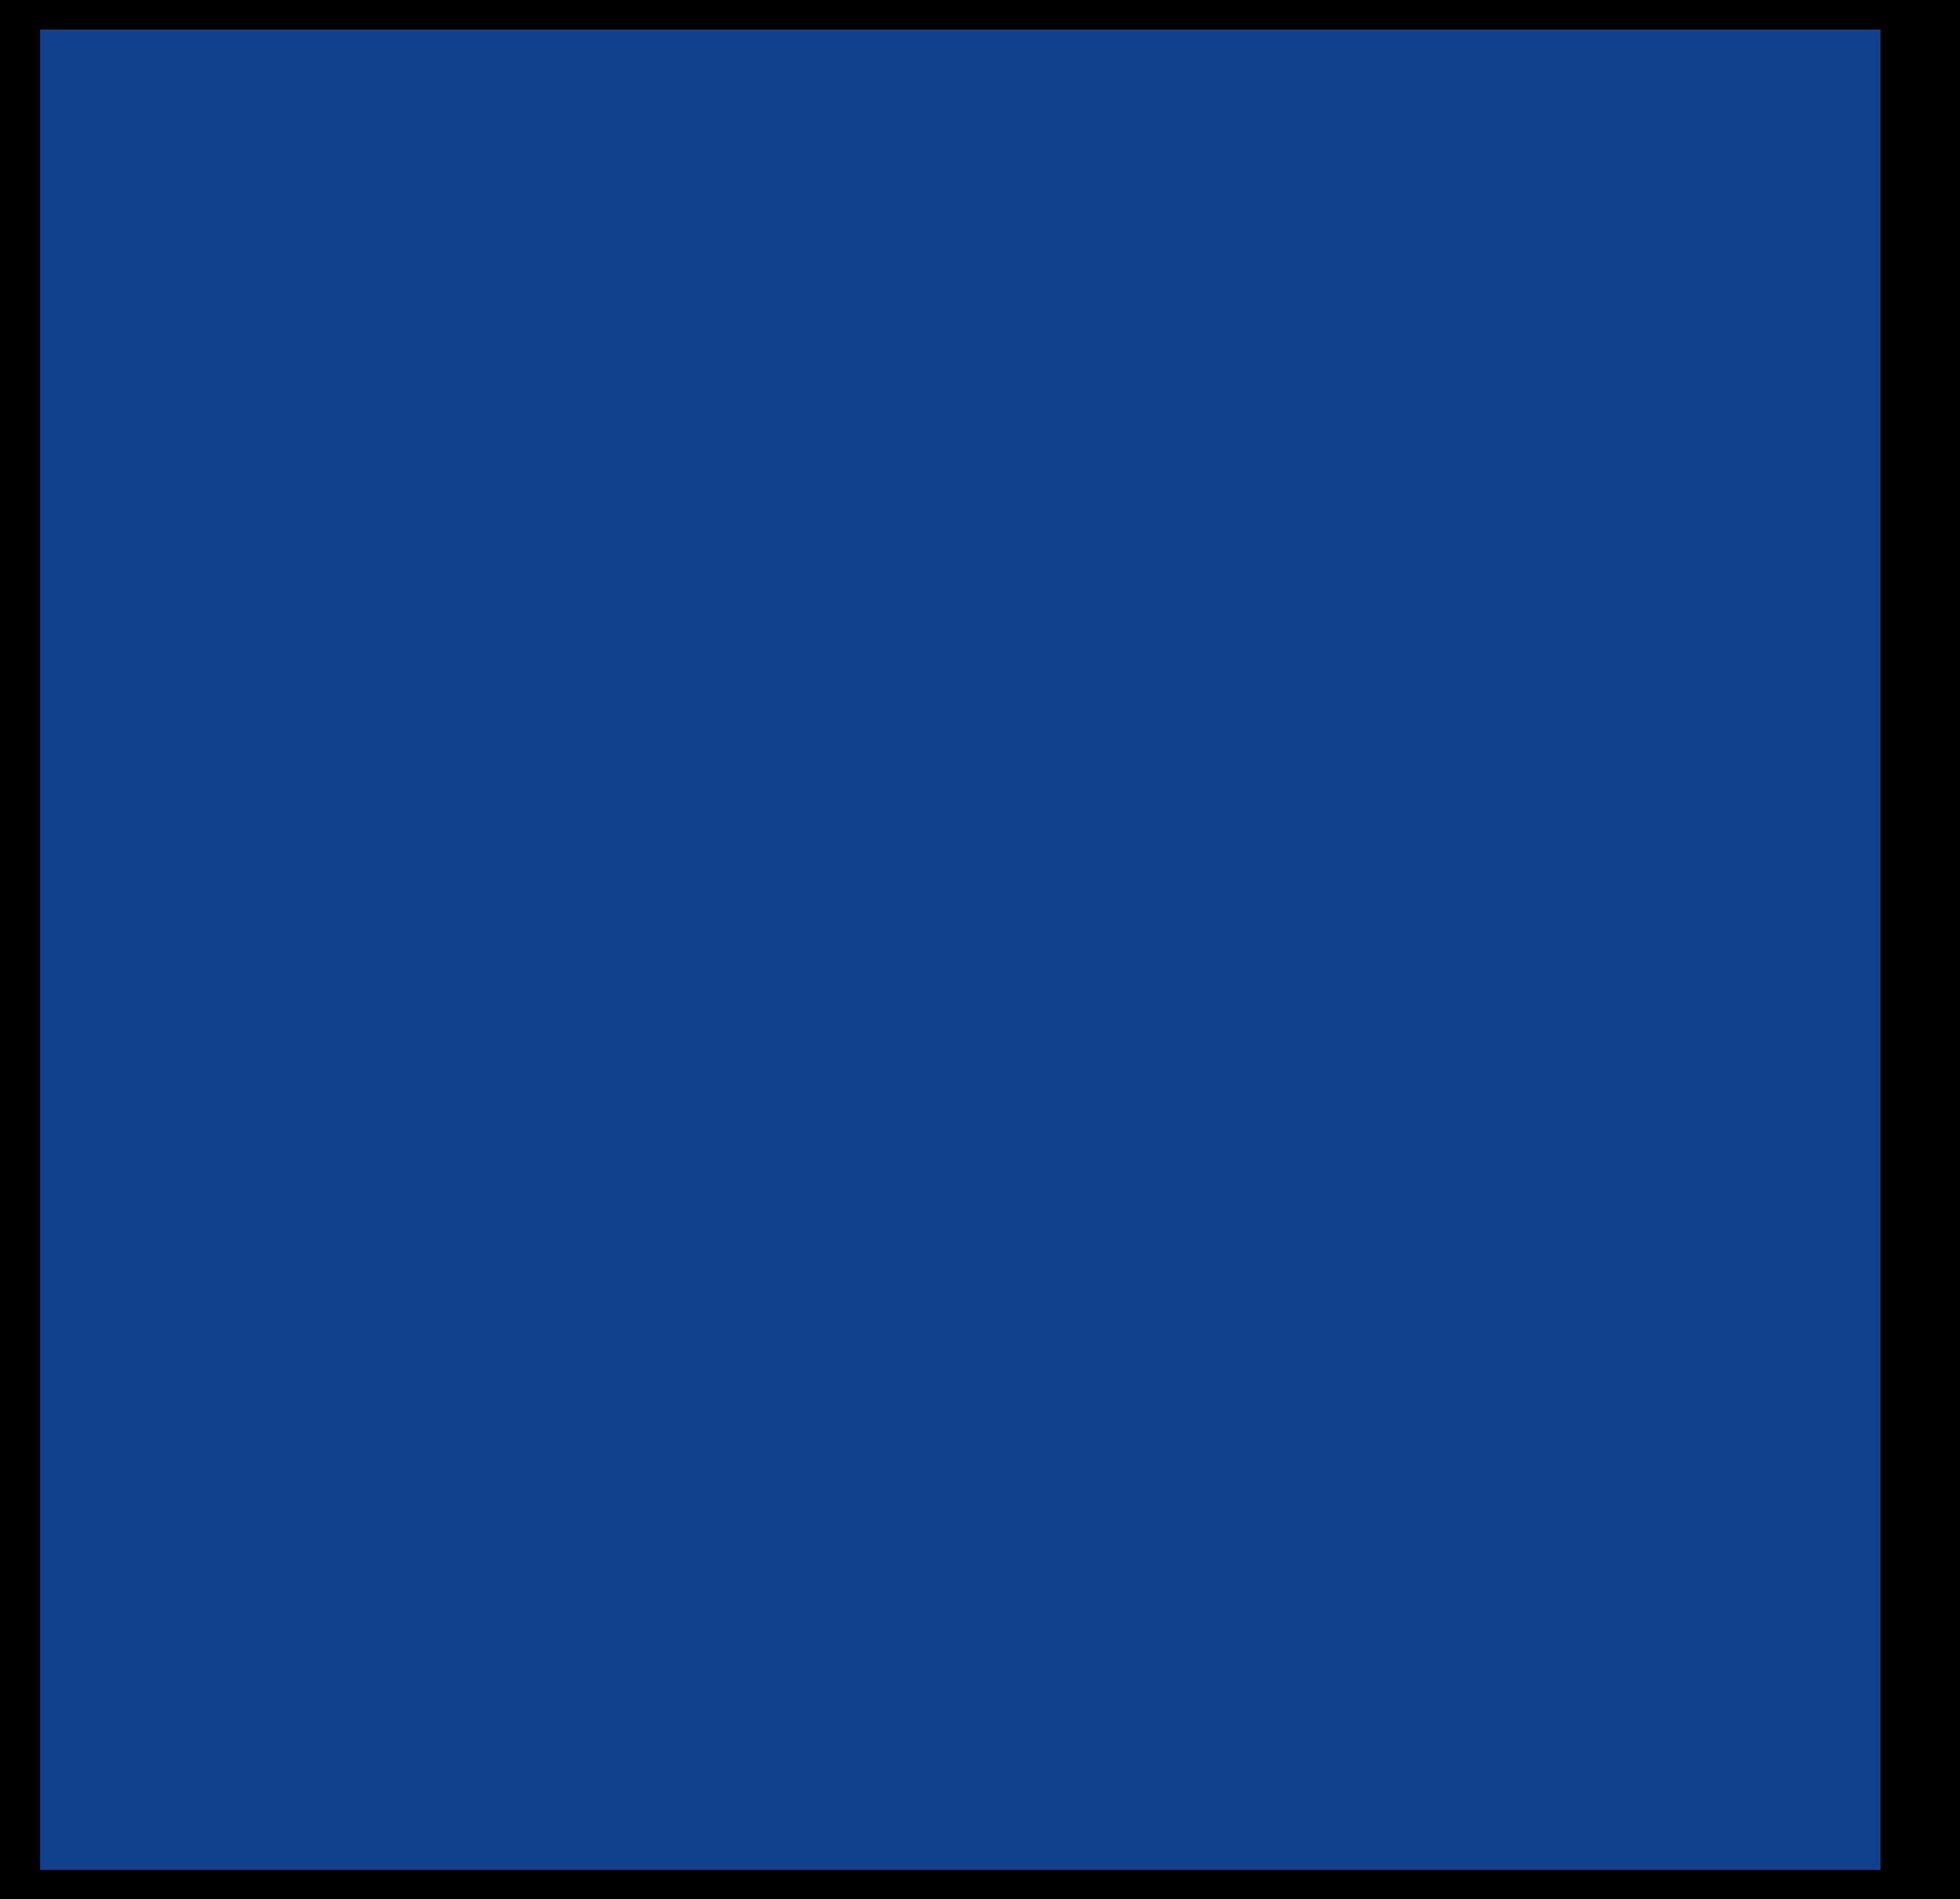 ריבוע כחול